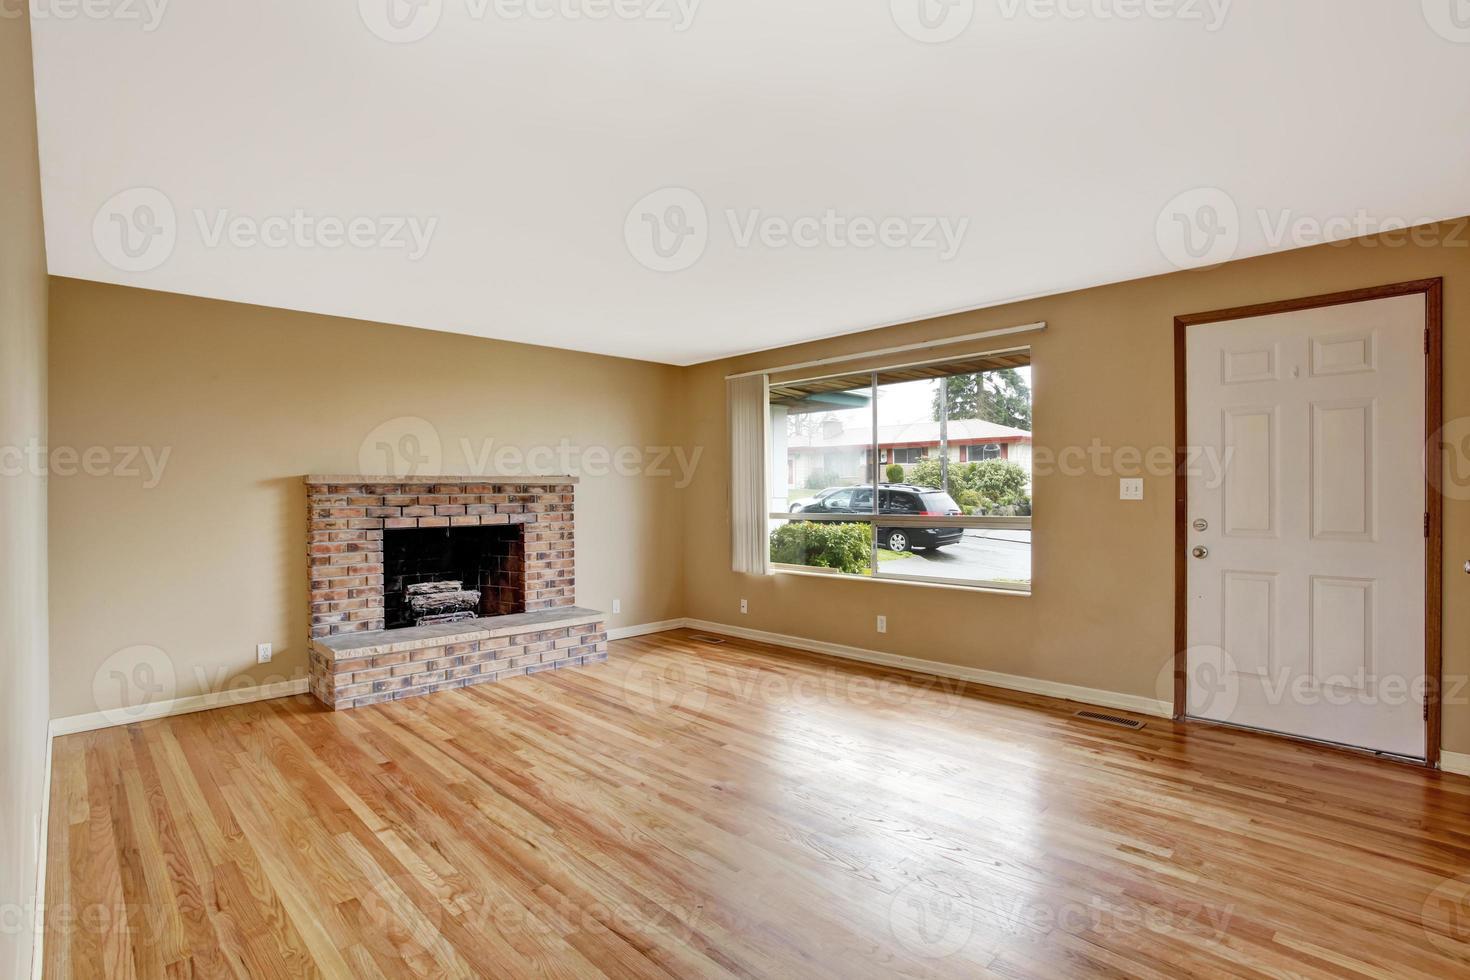 intérieur de la maison vide. séjour avec cheminée photo